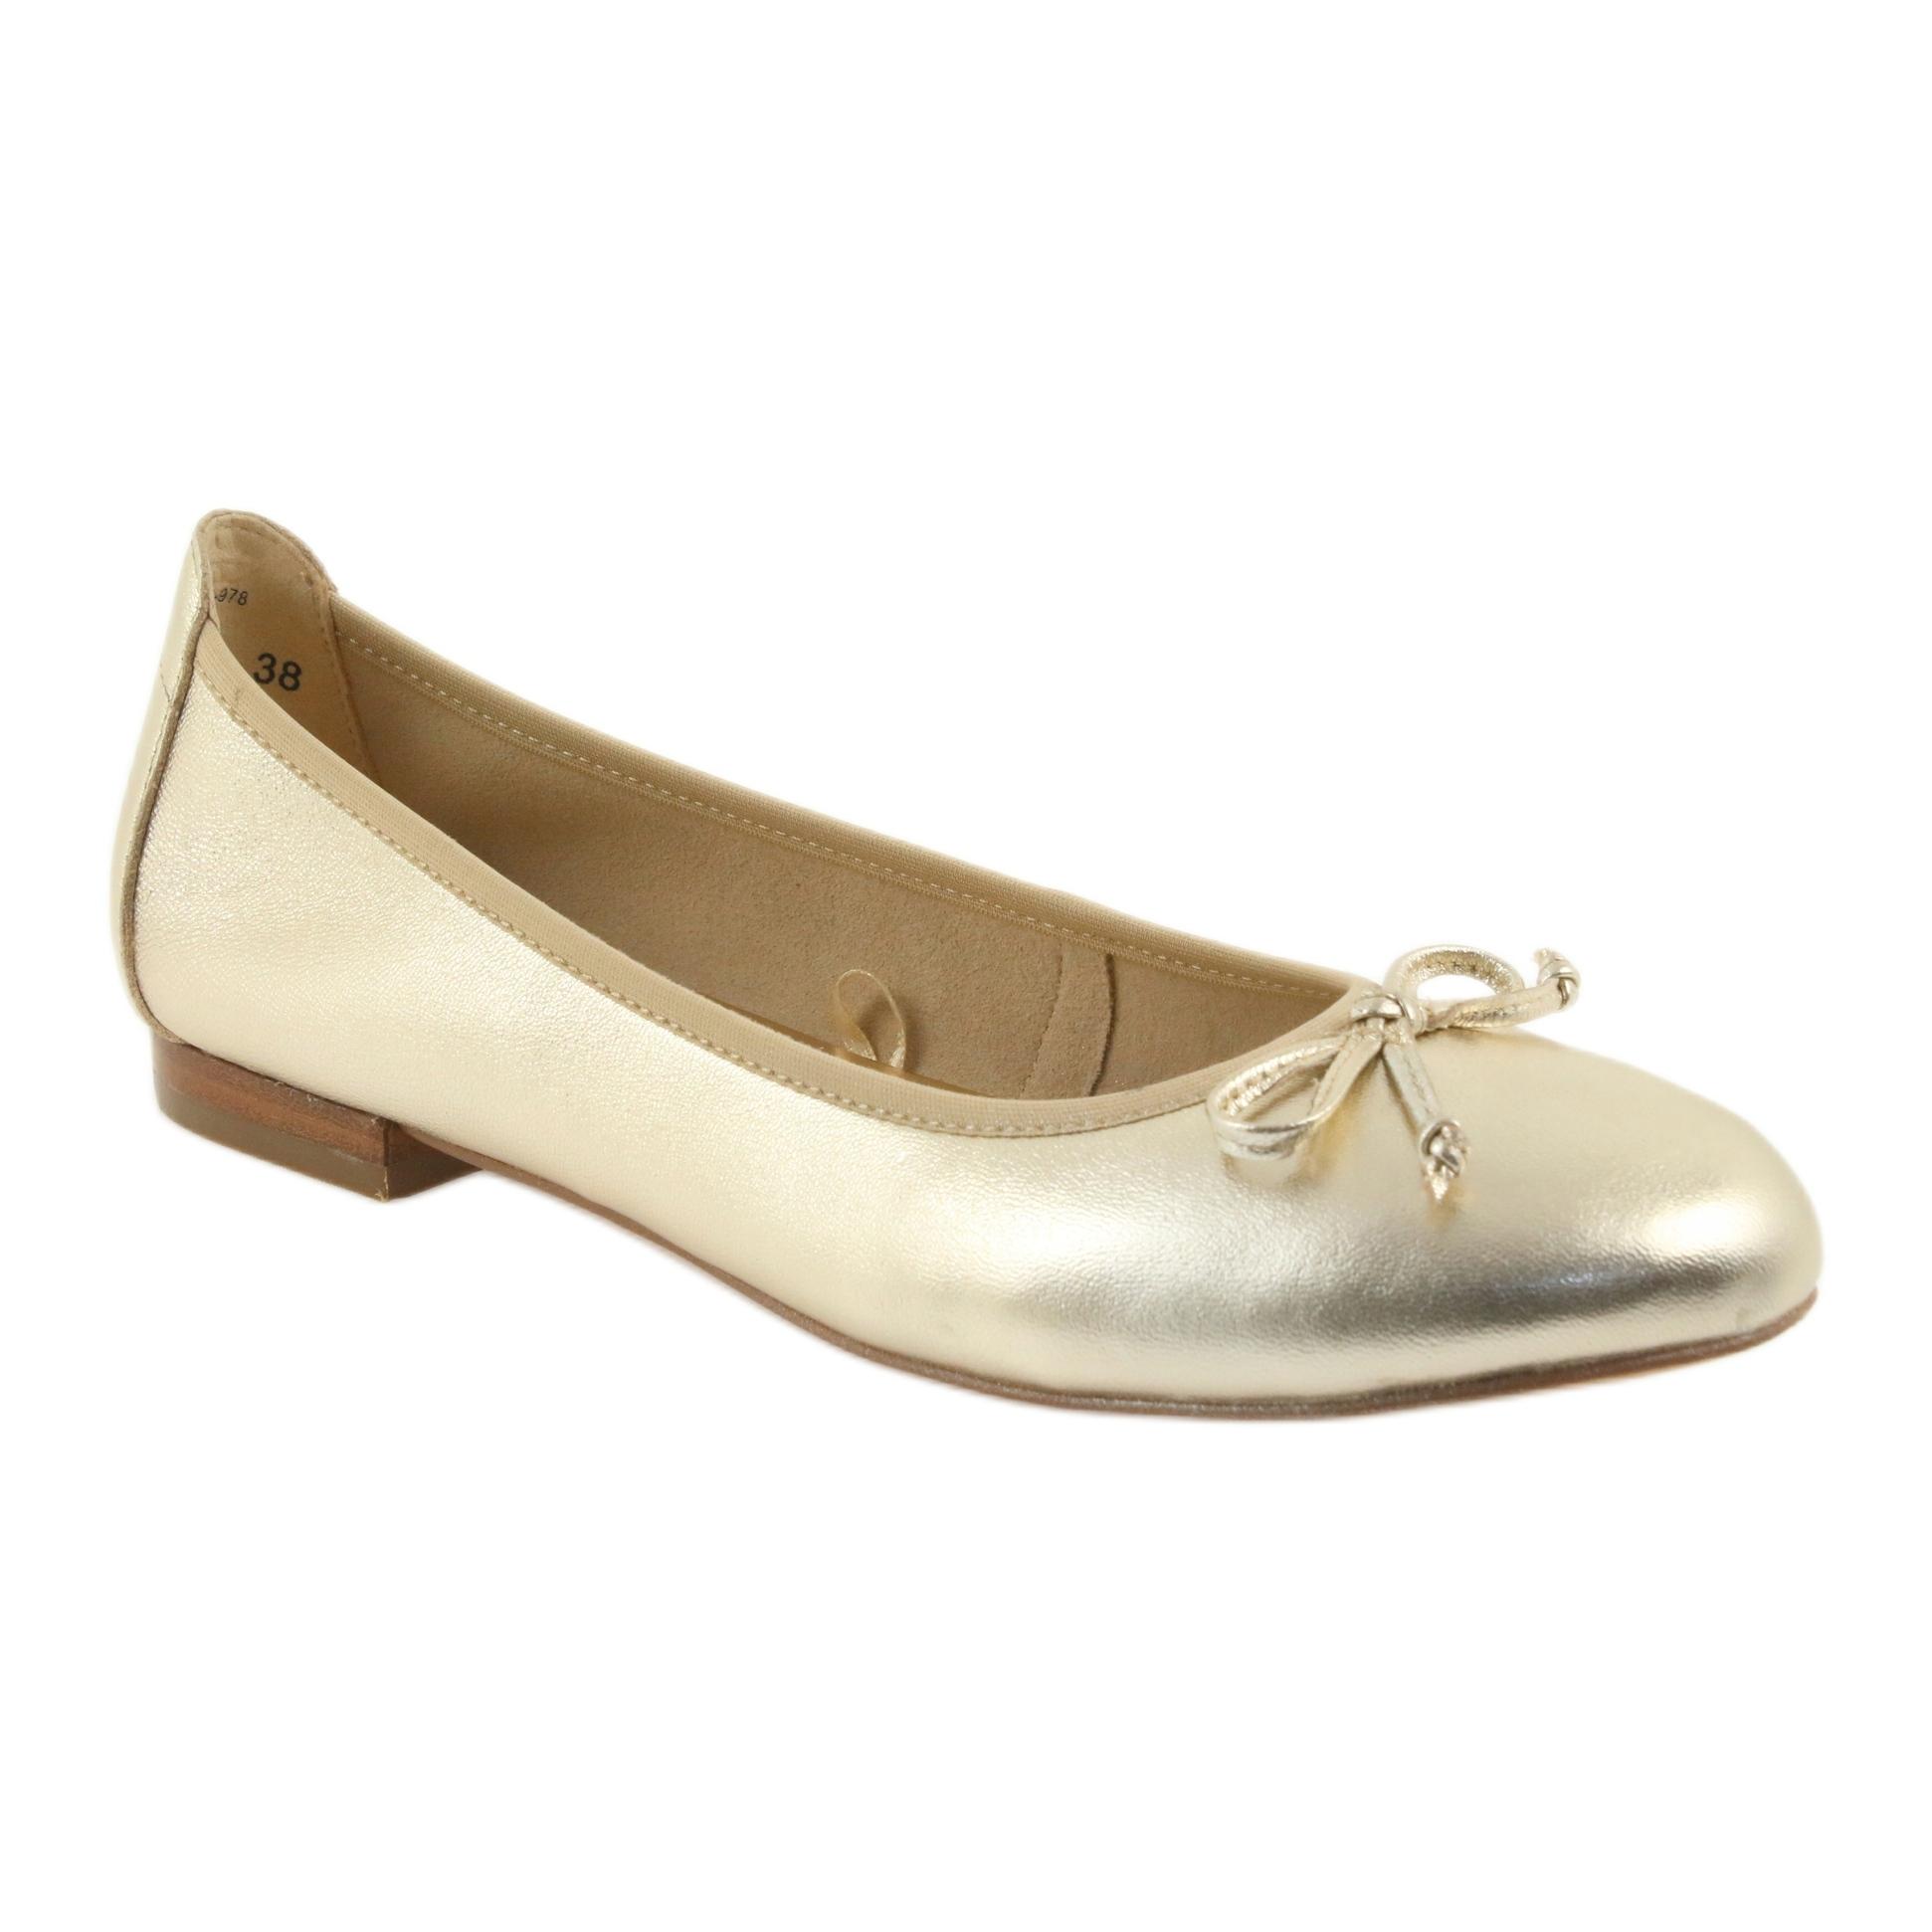 c64a3dd2aa Giallo Caprice ballerine oro scarpe per donna 22102